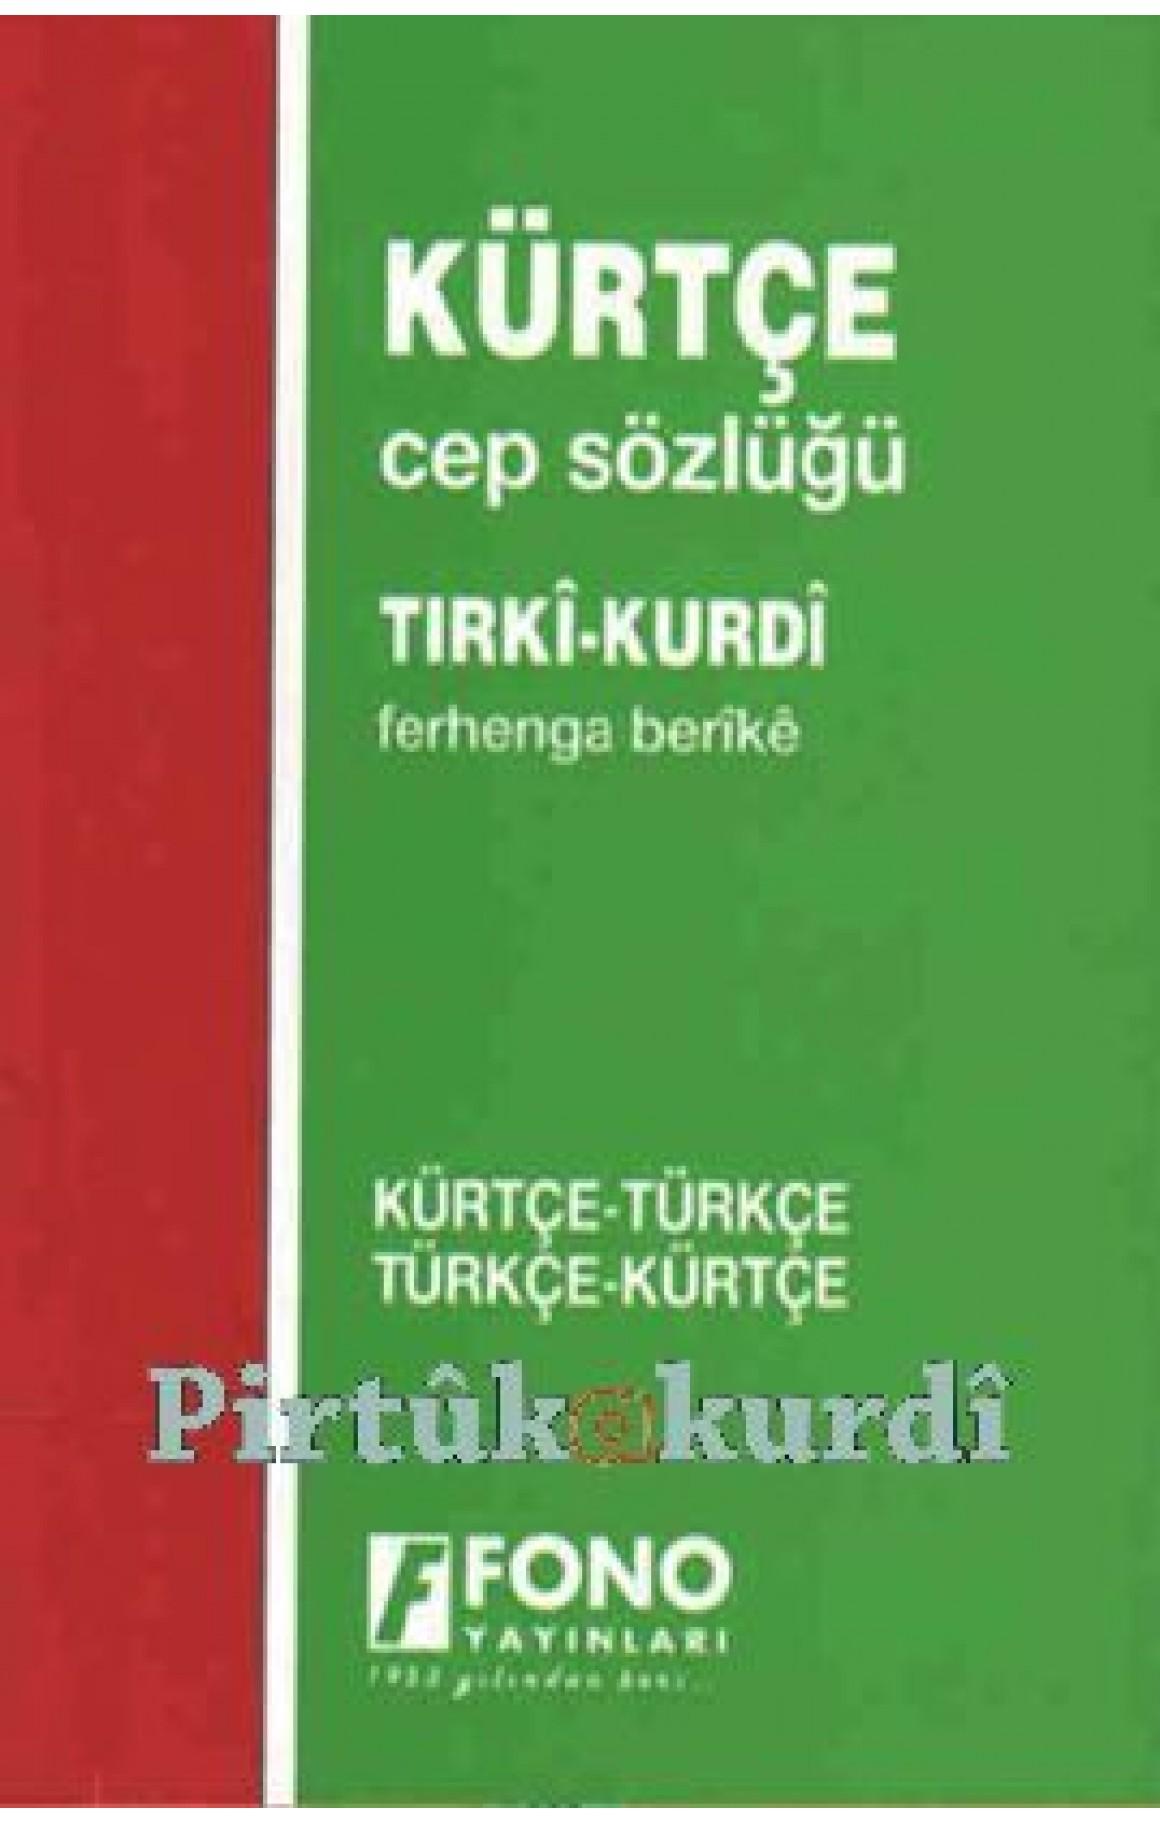 Kürtçe Cep Sözlüğü - Ferhenga Berîkê